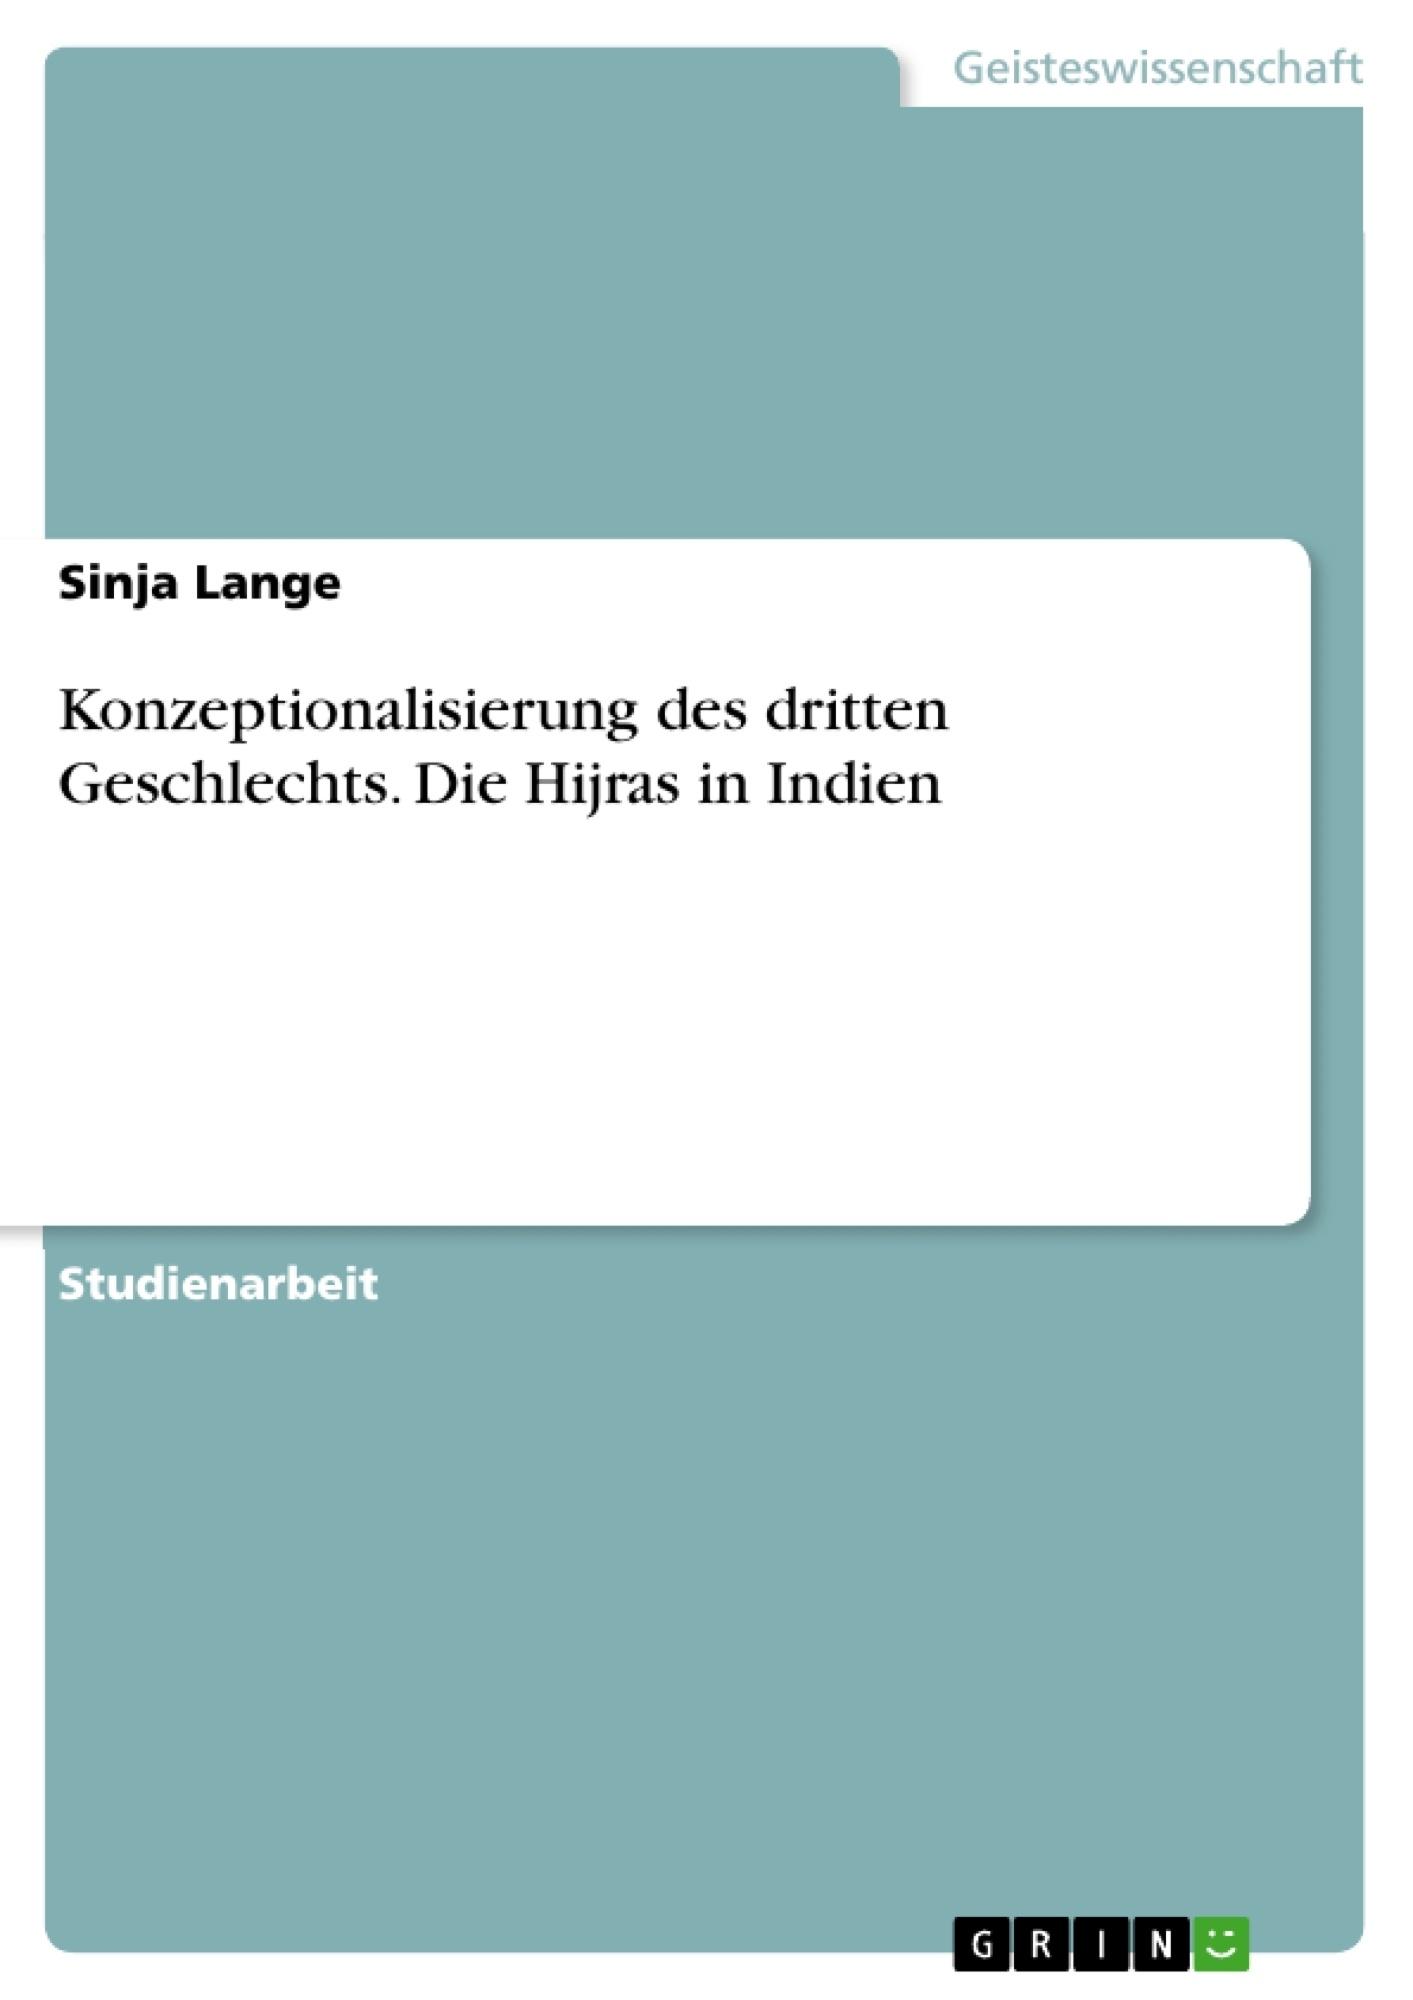 Titel: Konzeptionalisierung des dritten Geschlechts. Die Hijras in Indien